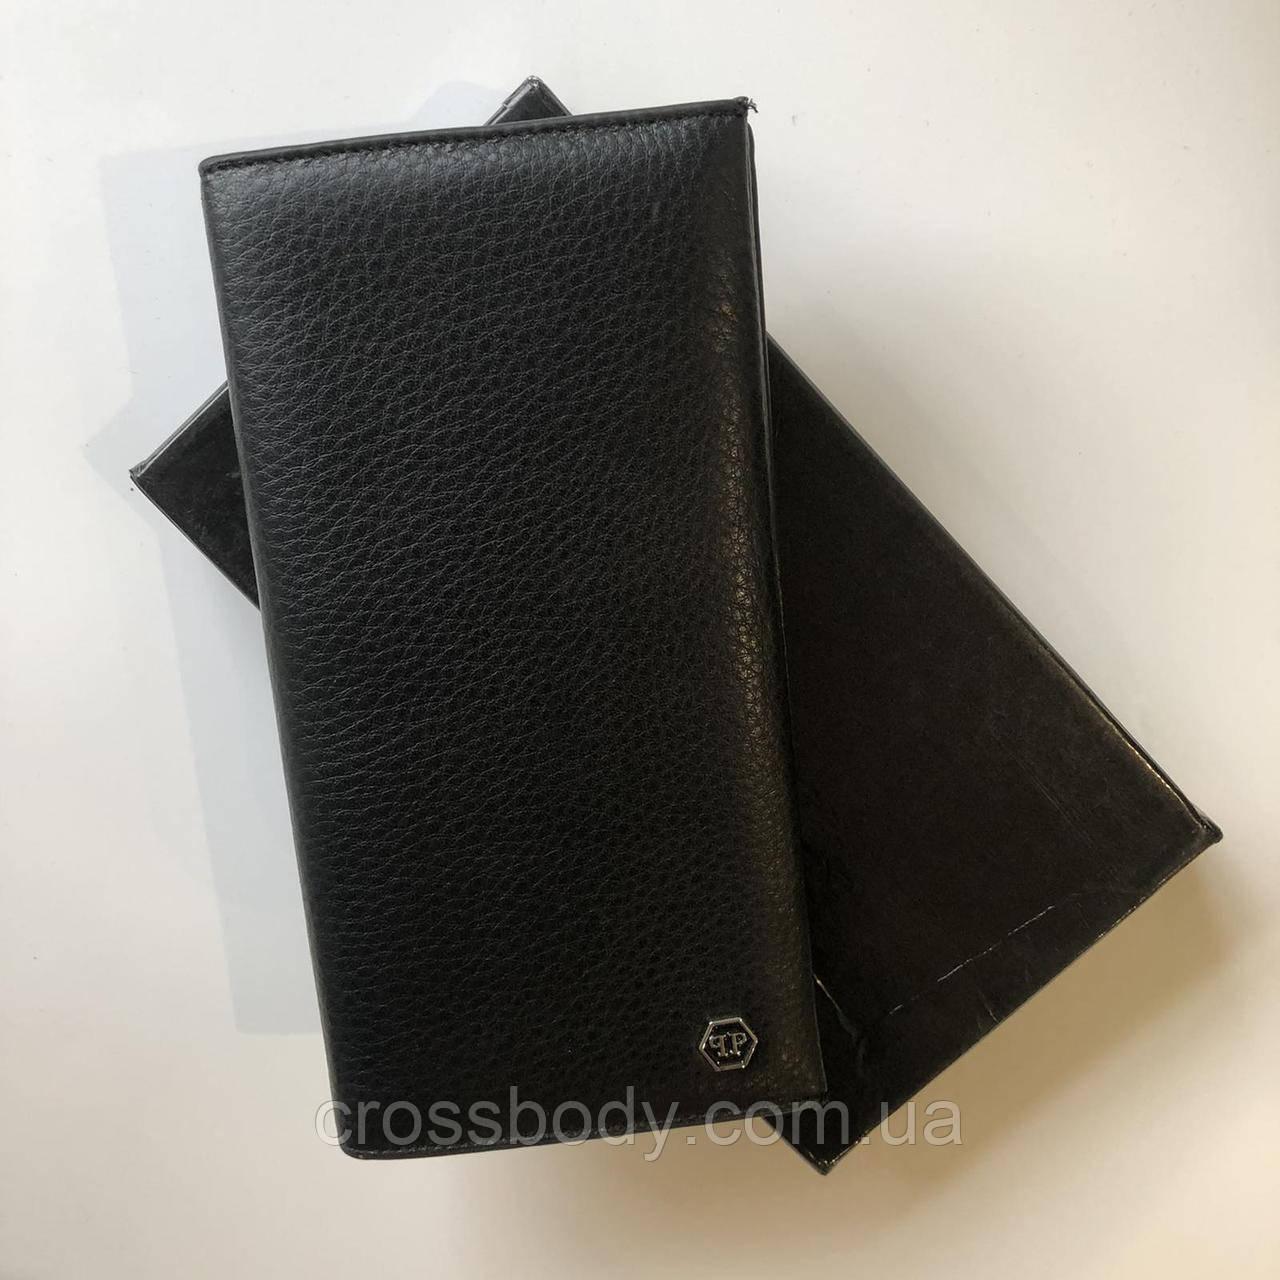 Мужские кожаные портмоне qp